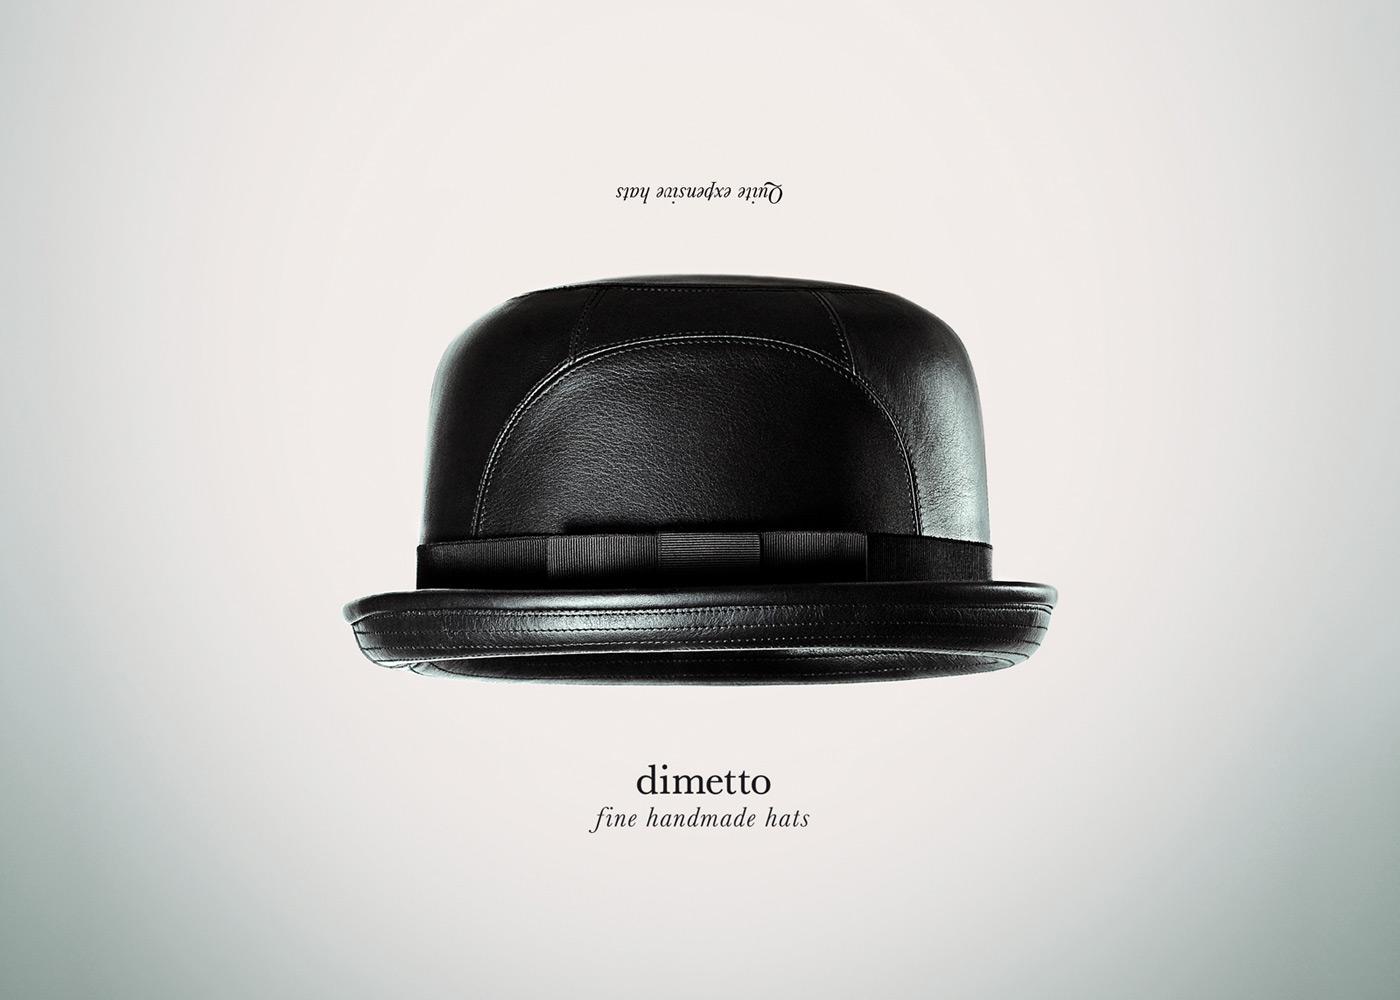 Dimetto Print Ad -  Fine handmade hats, 3